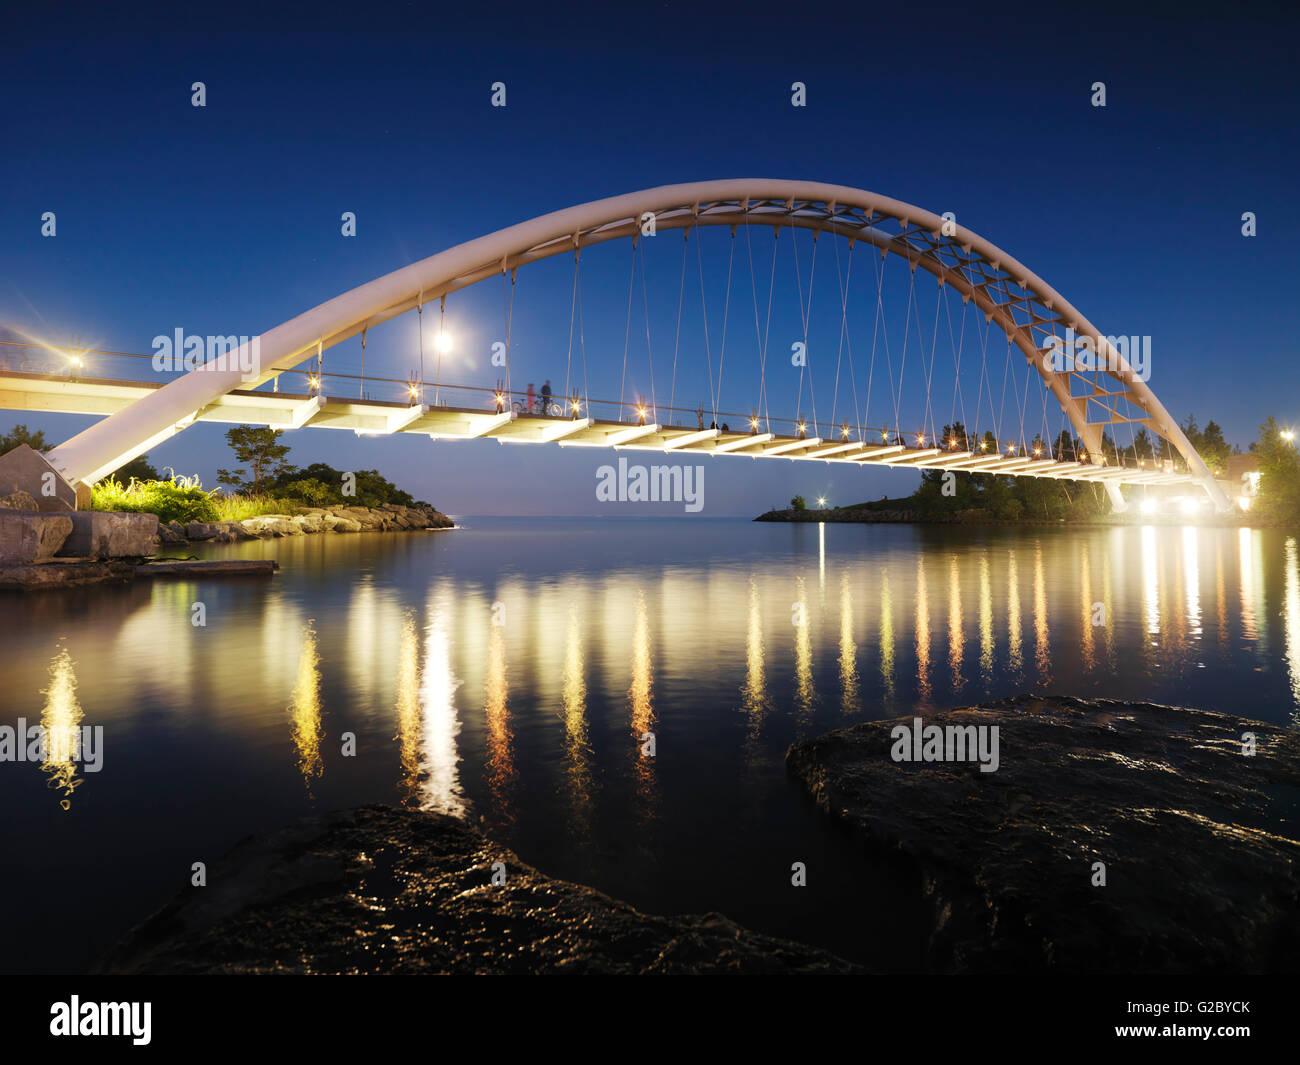 Humber River puente de arco en la noche de Toronto, provincia de Ontario, Canadá Imagen De Stock